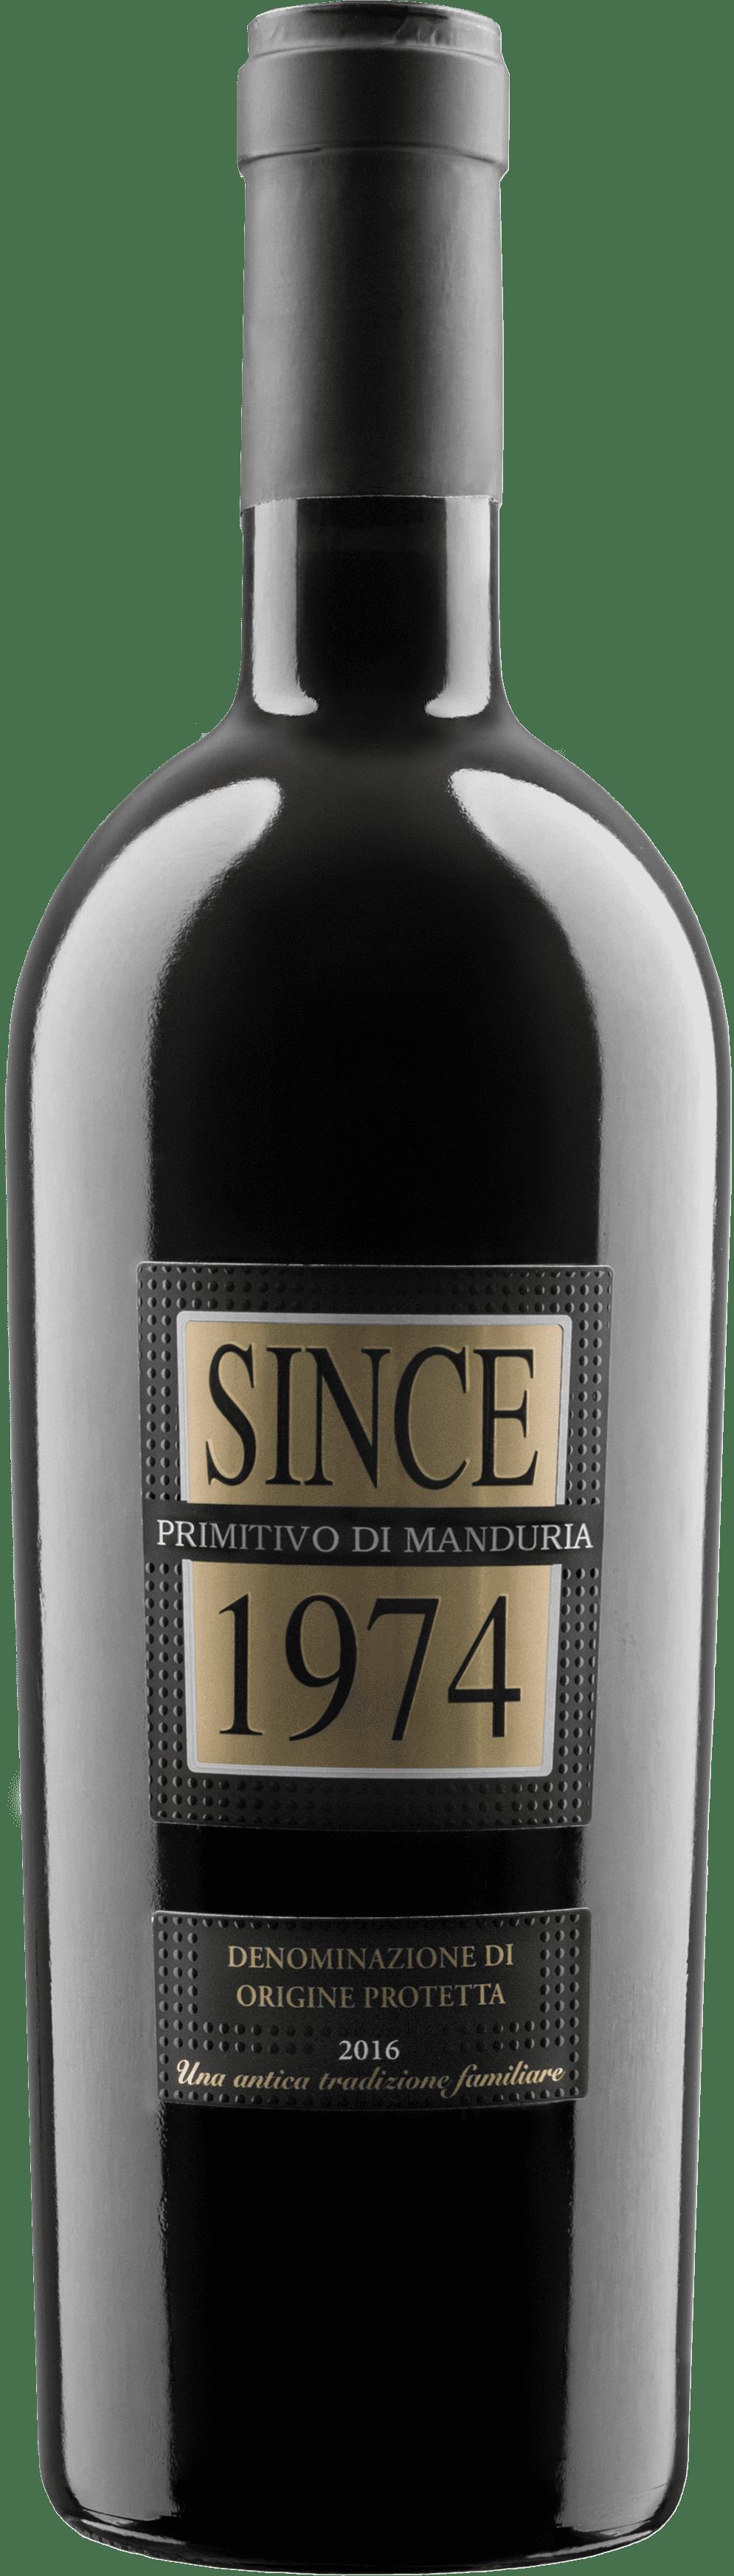 Sausas raudonas vynas SINCE 1974 Primitivo Di Manduria D.O.P.